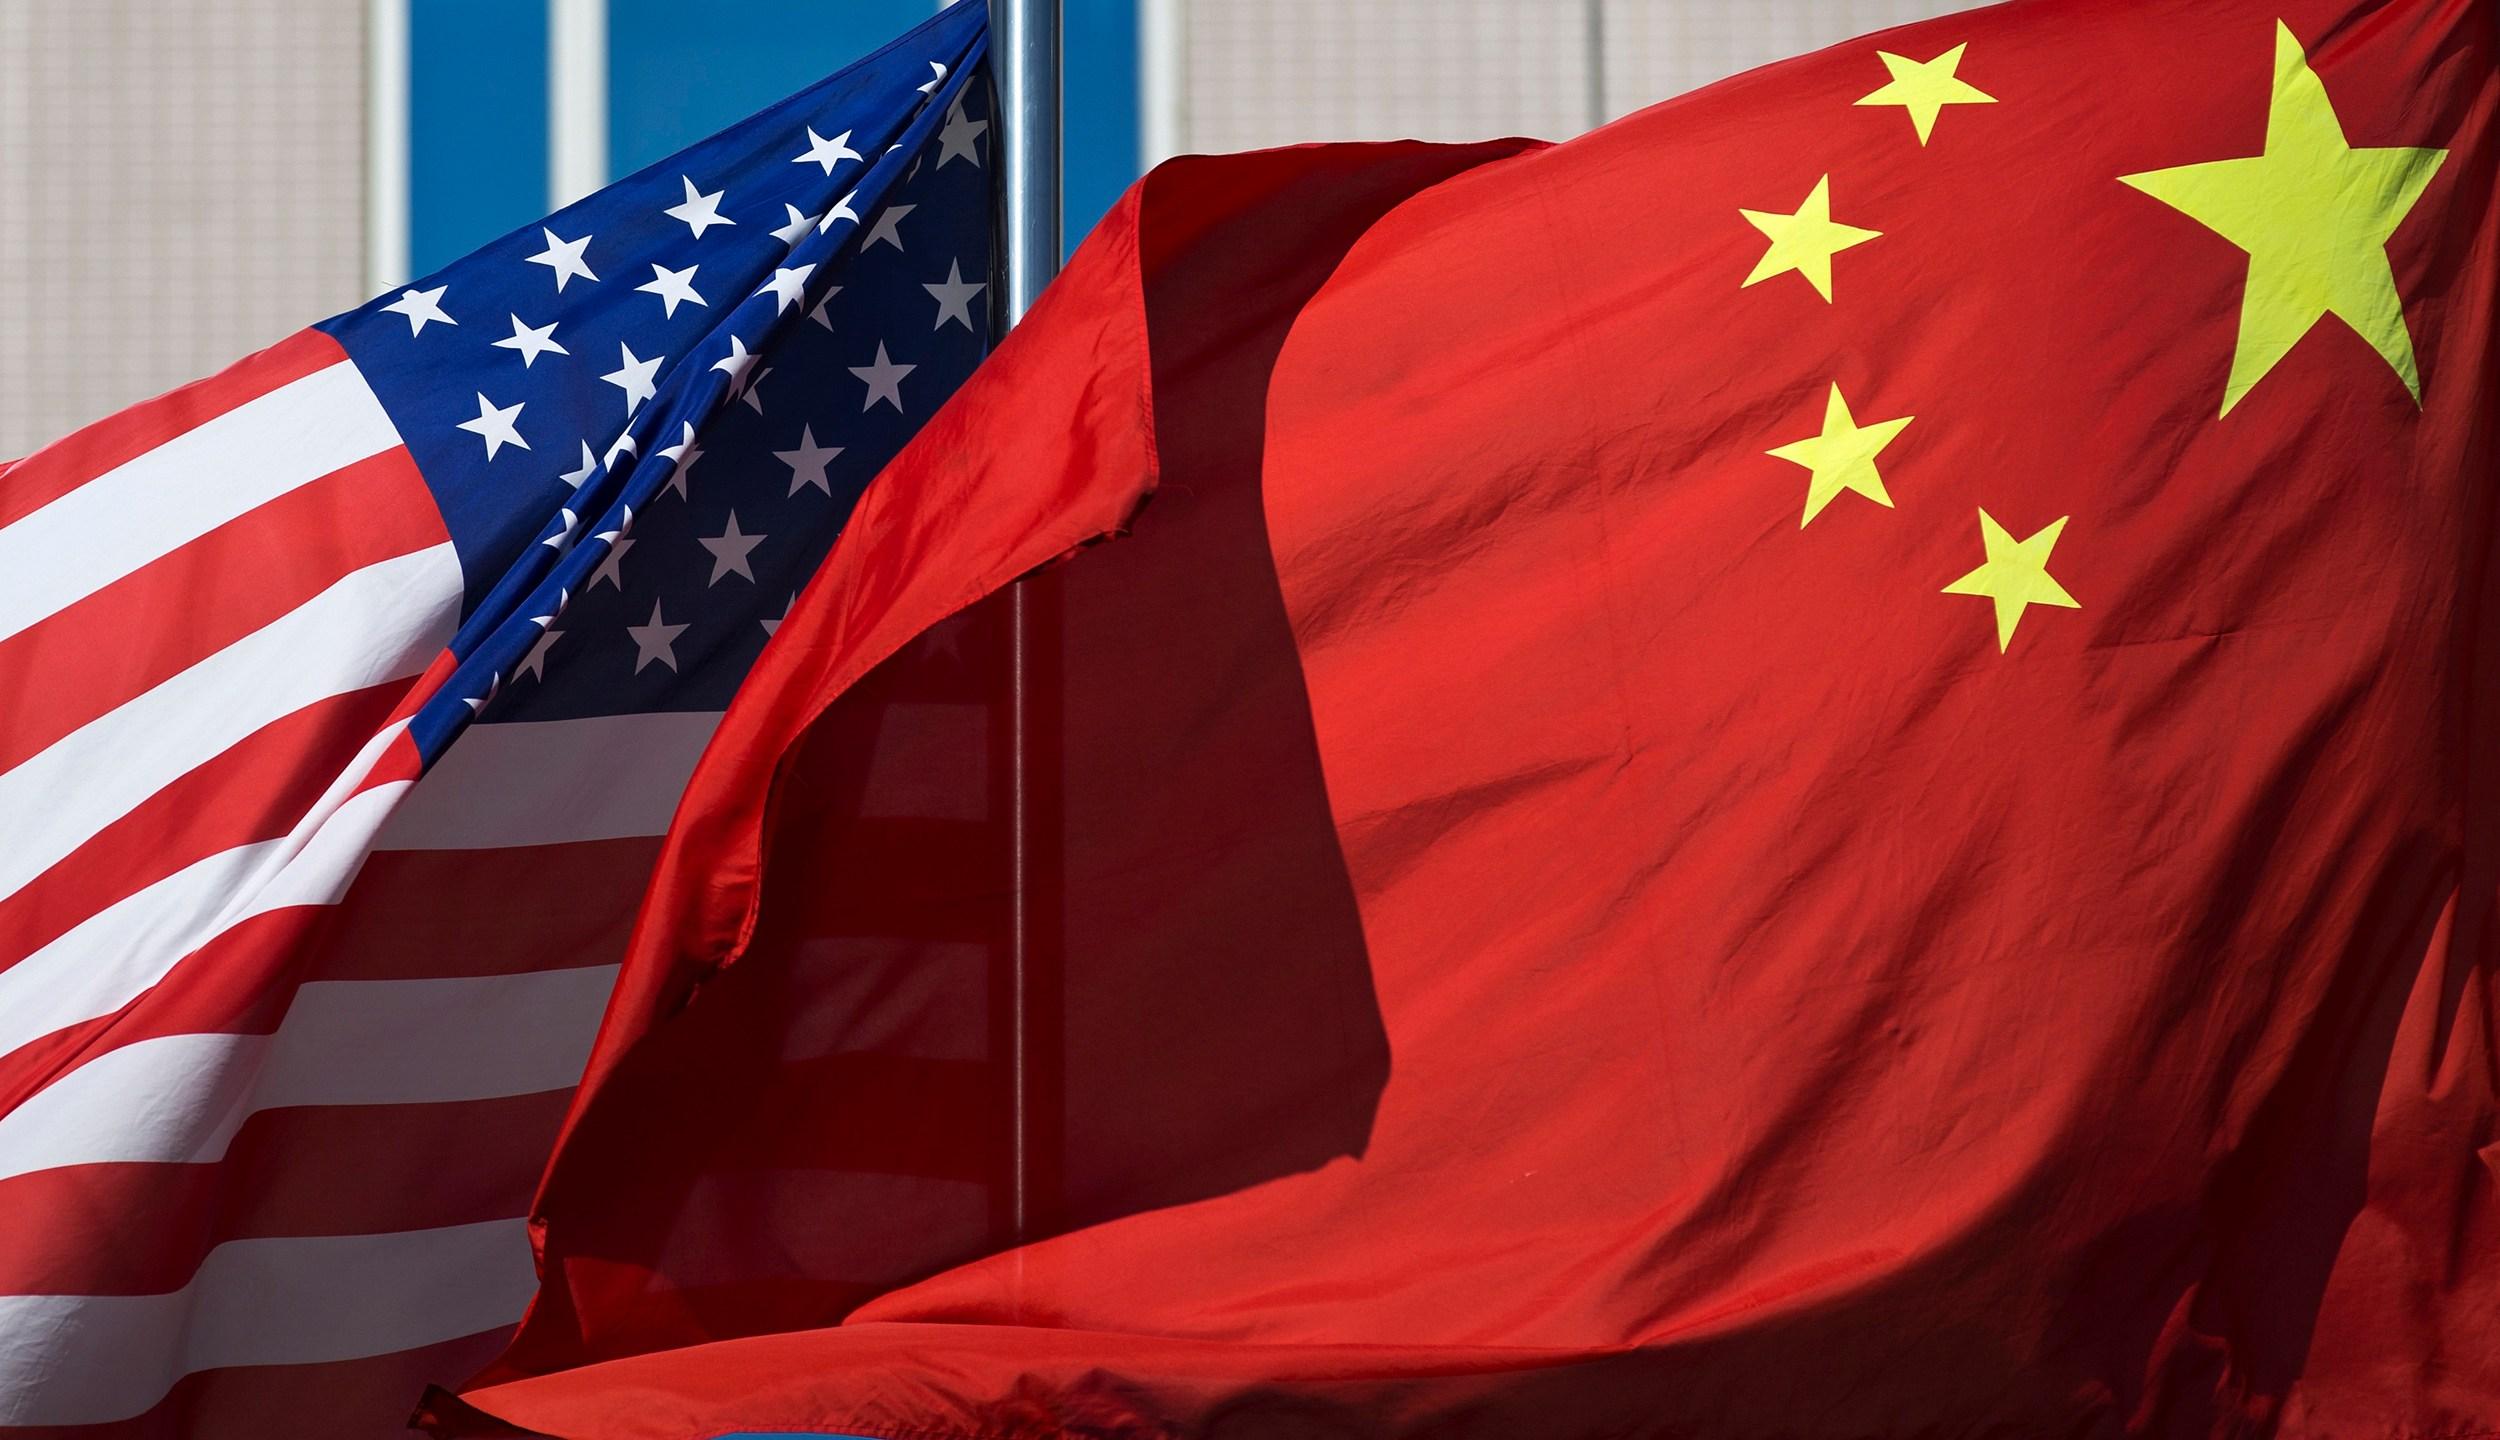 China_Trump_50007-159532.jpg41751739